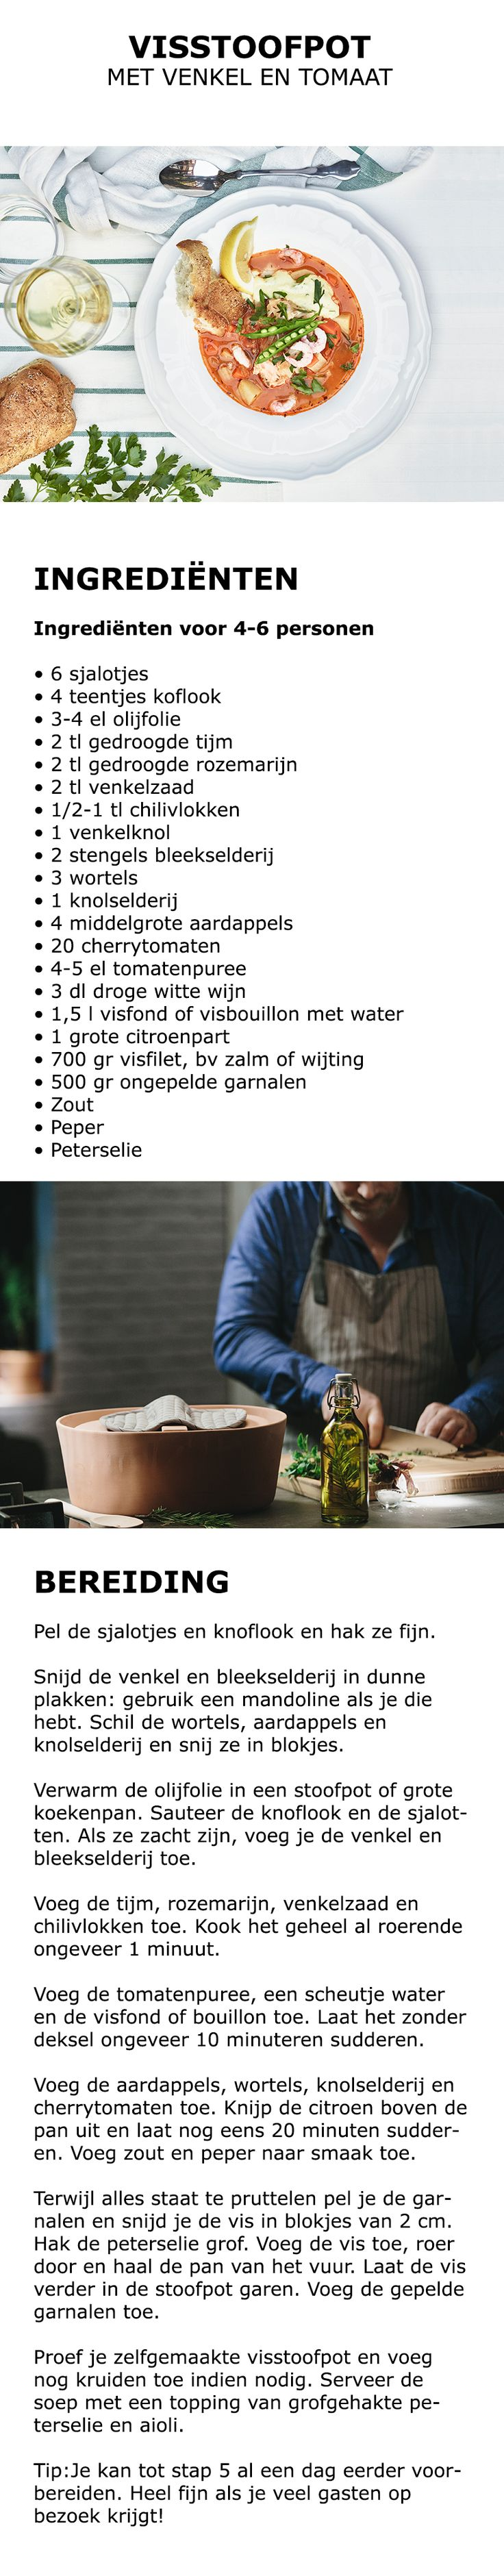 Inspiratie voor de culinaire fijnproever - Visstoofpot met venkel en tomaat…